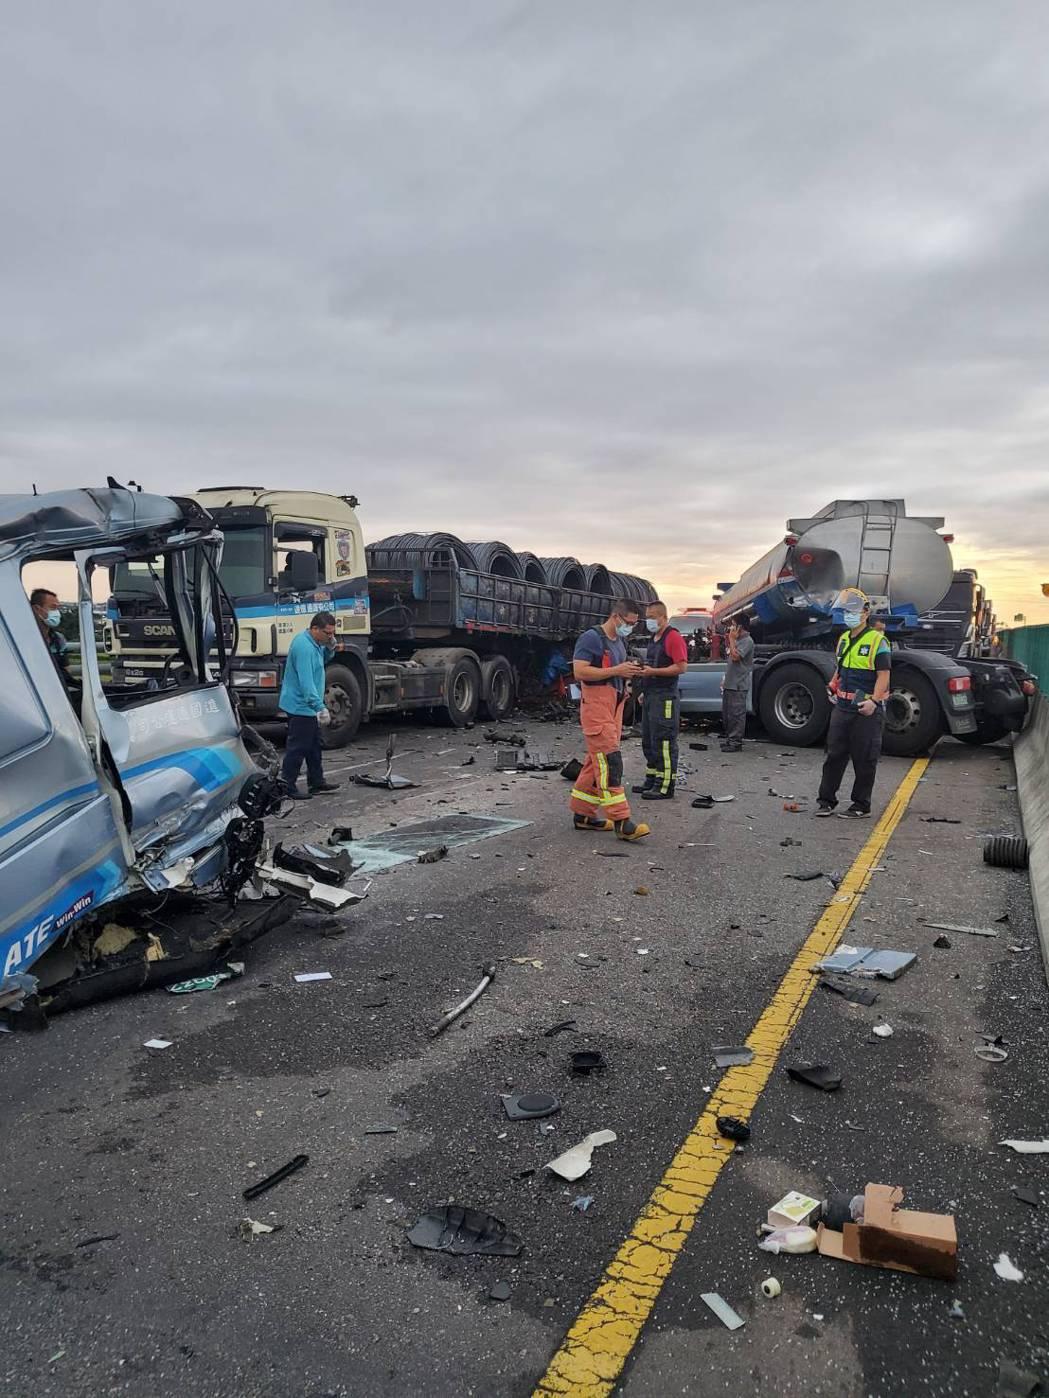 台61線芳苑南下路線188公里處今天清晨發生車禍,事故車和破碎車體占滿路面,造成...